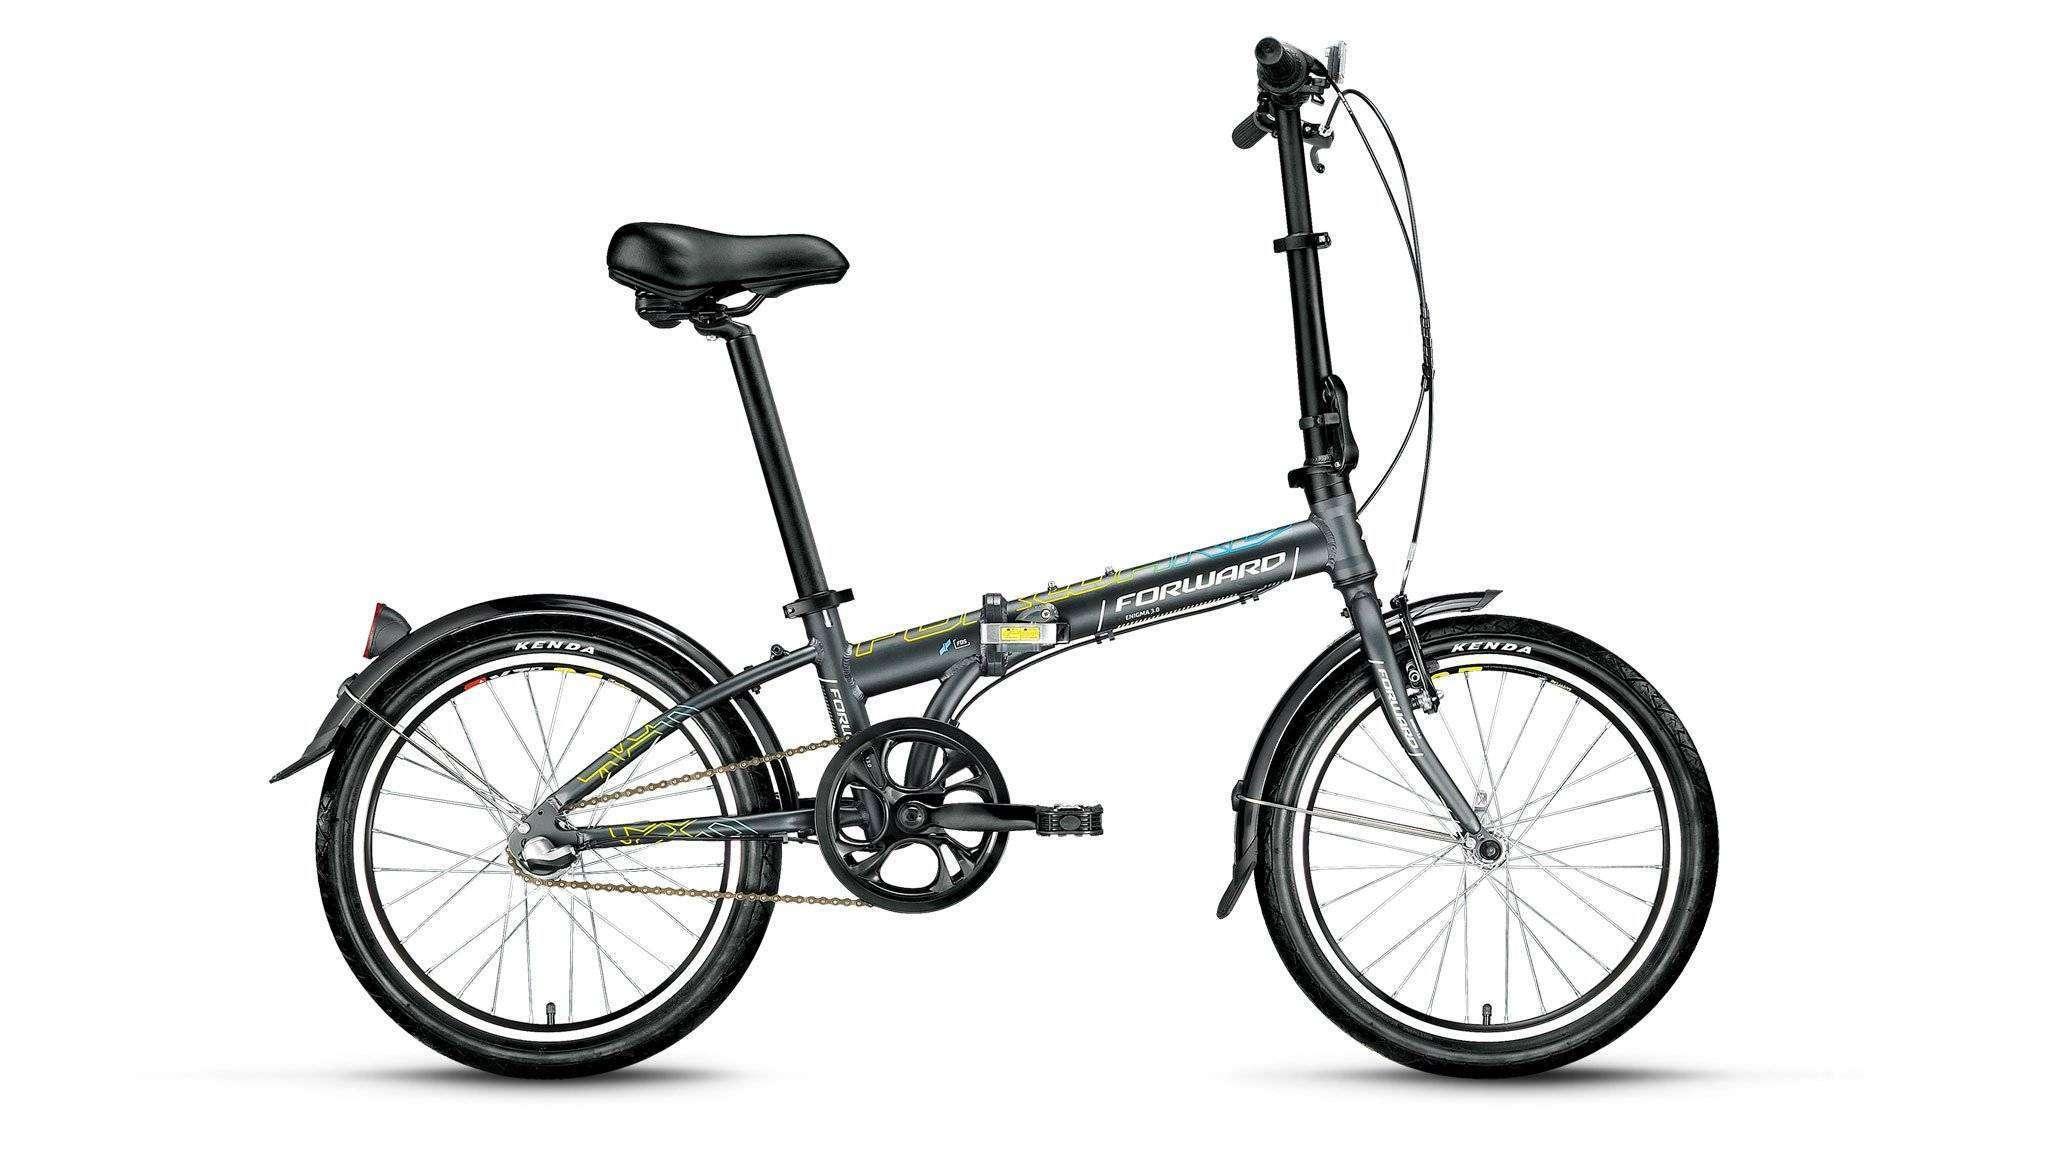 Велосипед FORWARD ENIGMA 3.0 2017-2018 39755